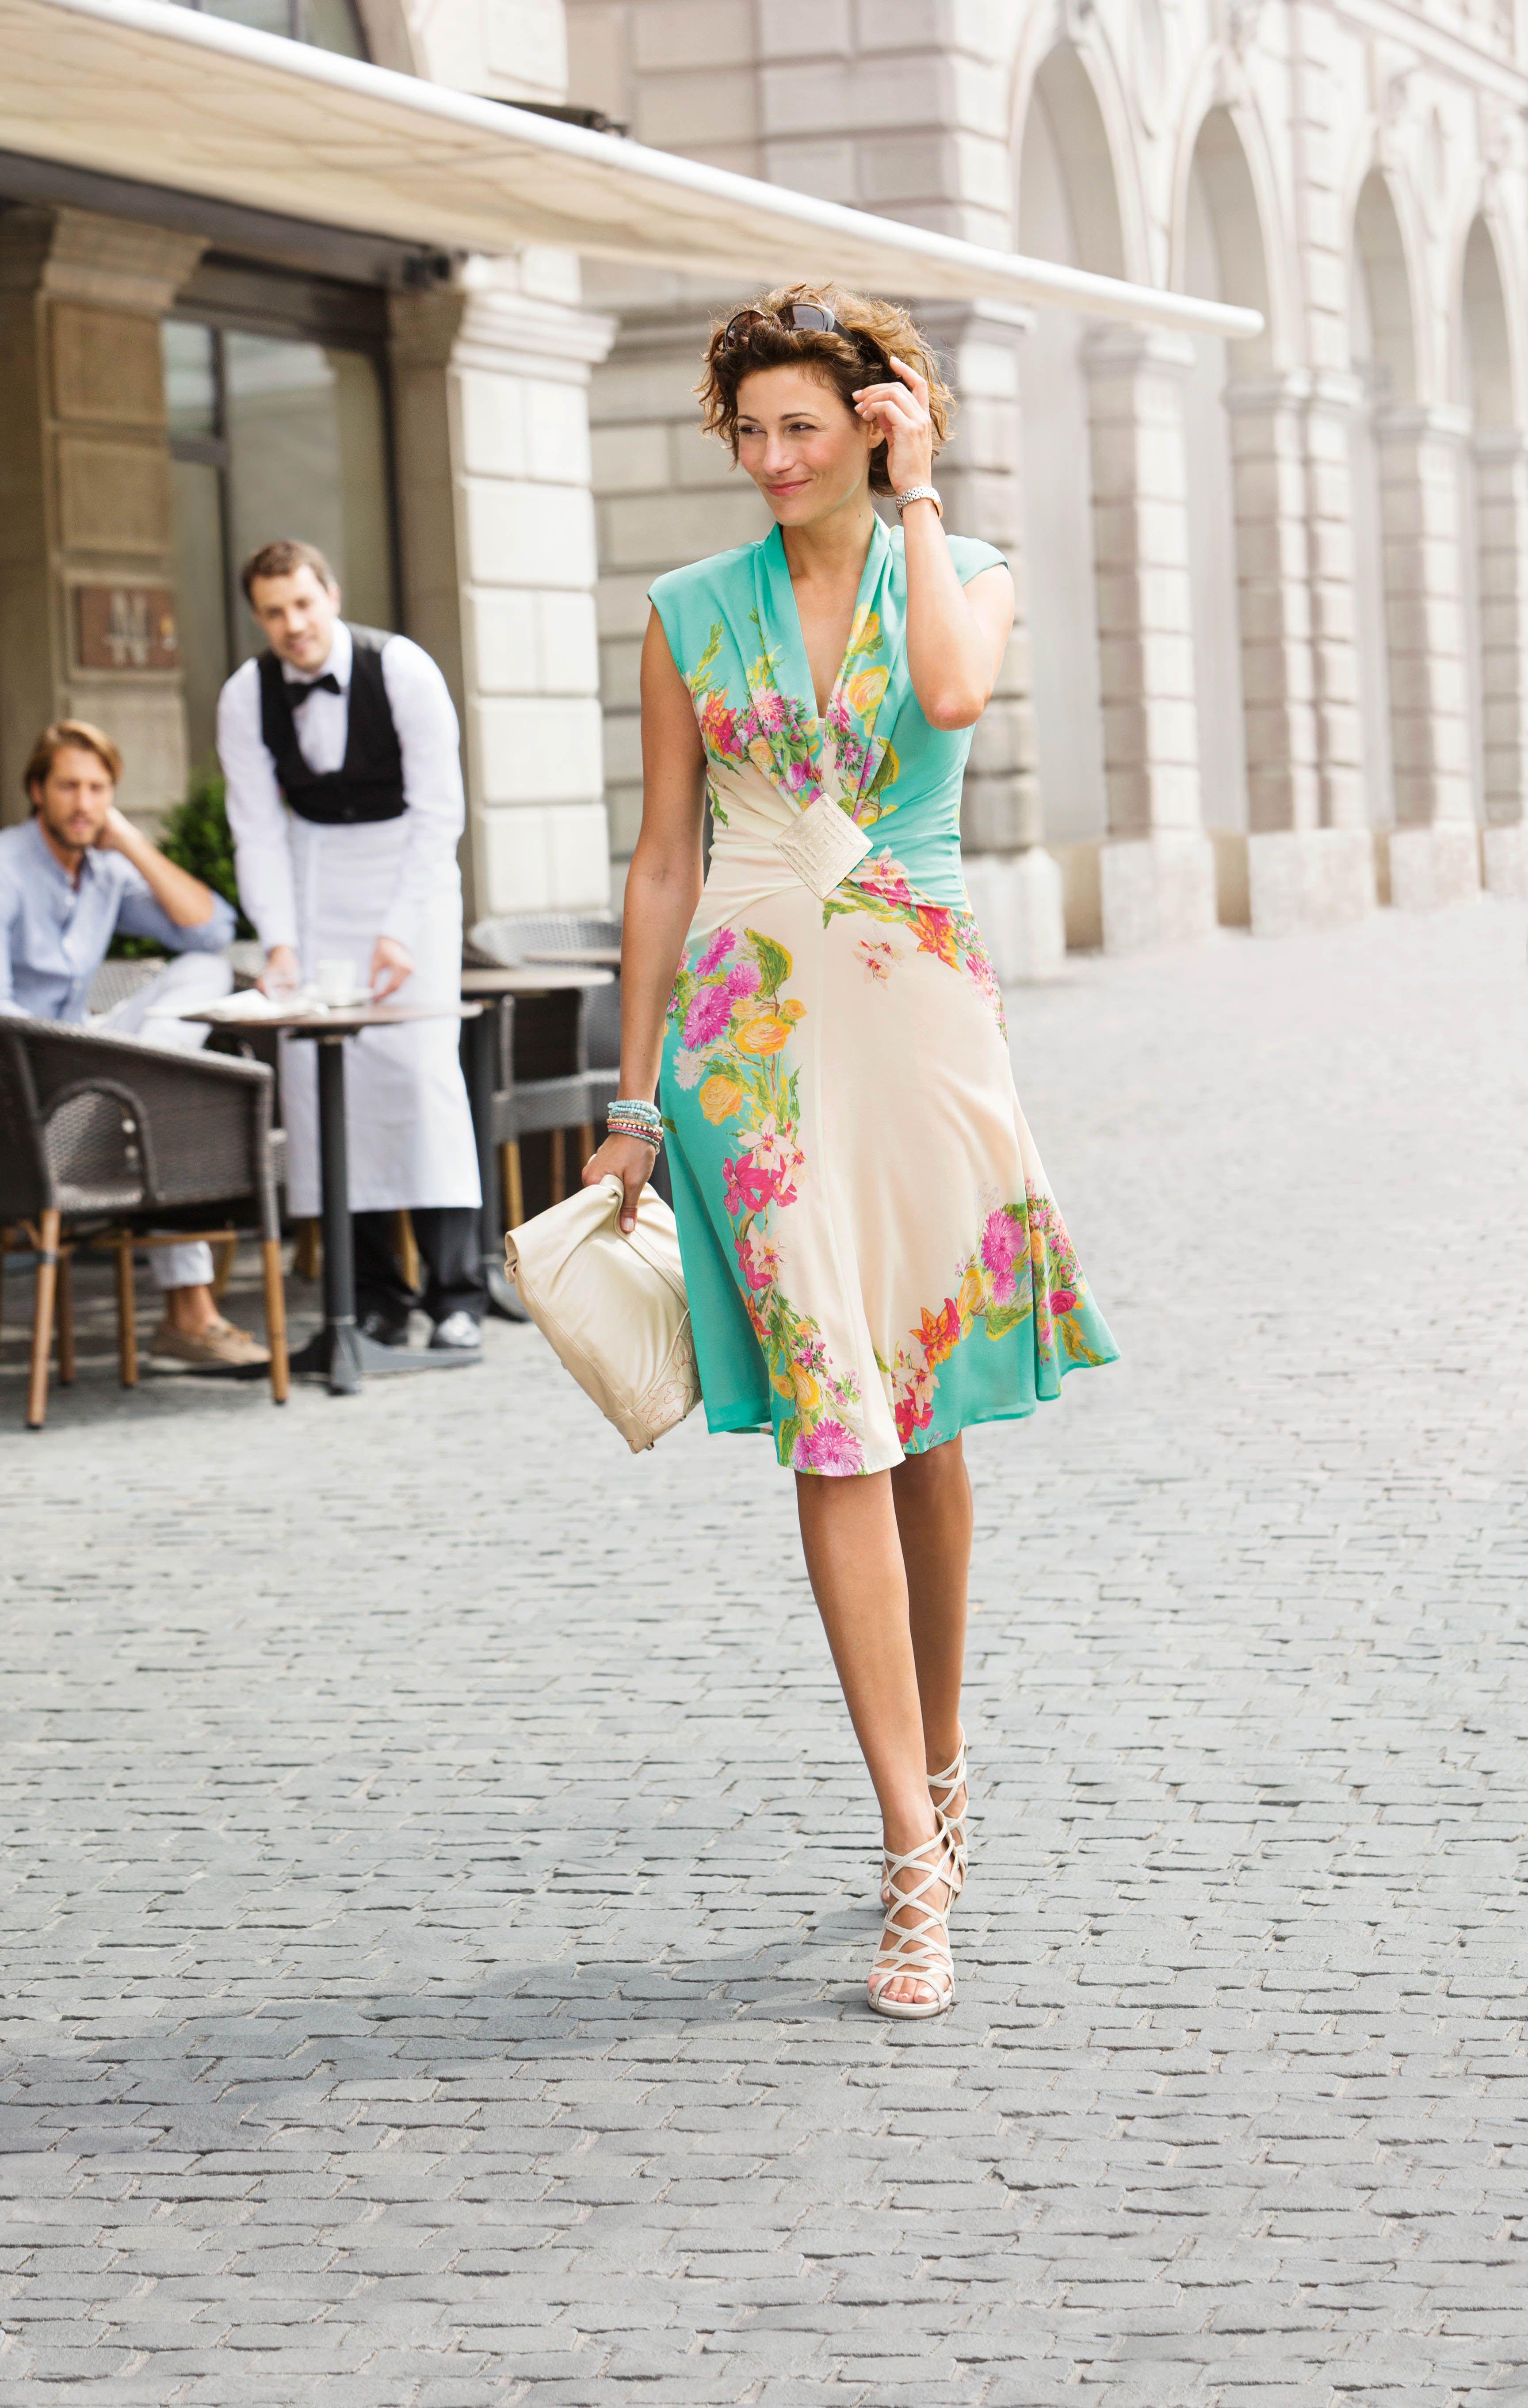 Bernina_Sommerkleid_01_638_B720_coated300 | blusa lindas | Pinterest ...